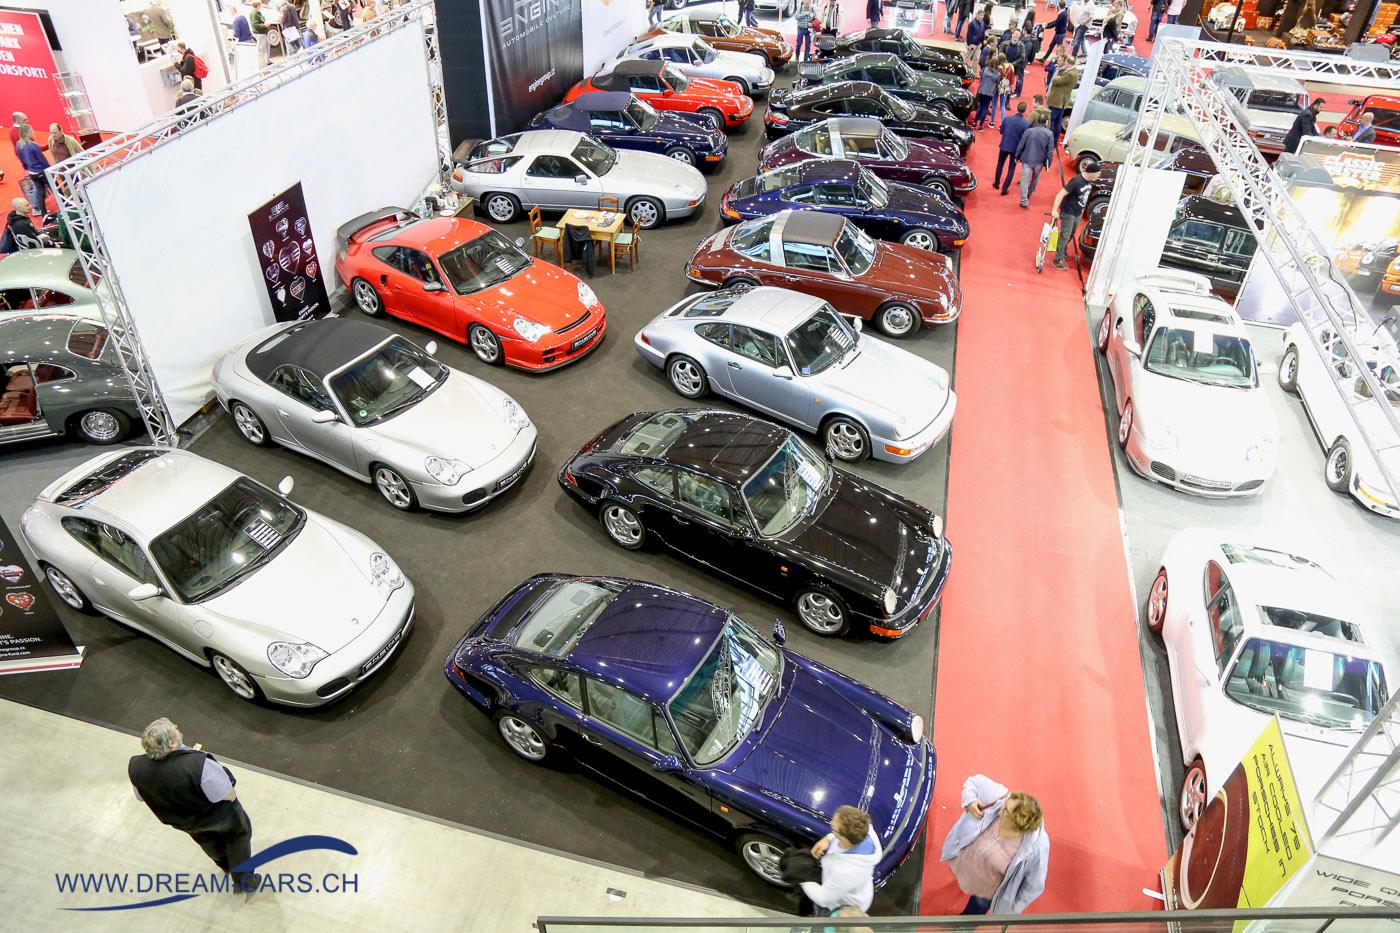 RETRO CLASSICS Stuttgart 2017. Ein riesiges Angebot an Porsche in allen Modellvariationen